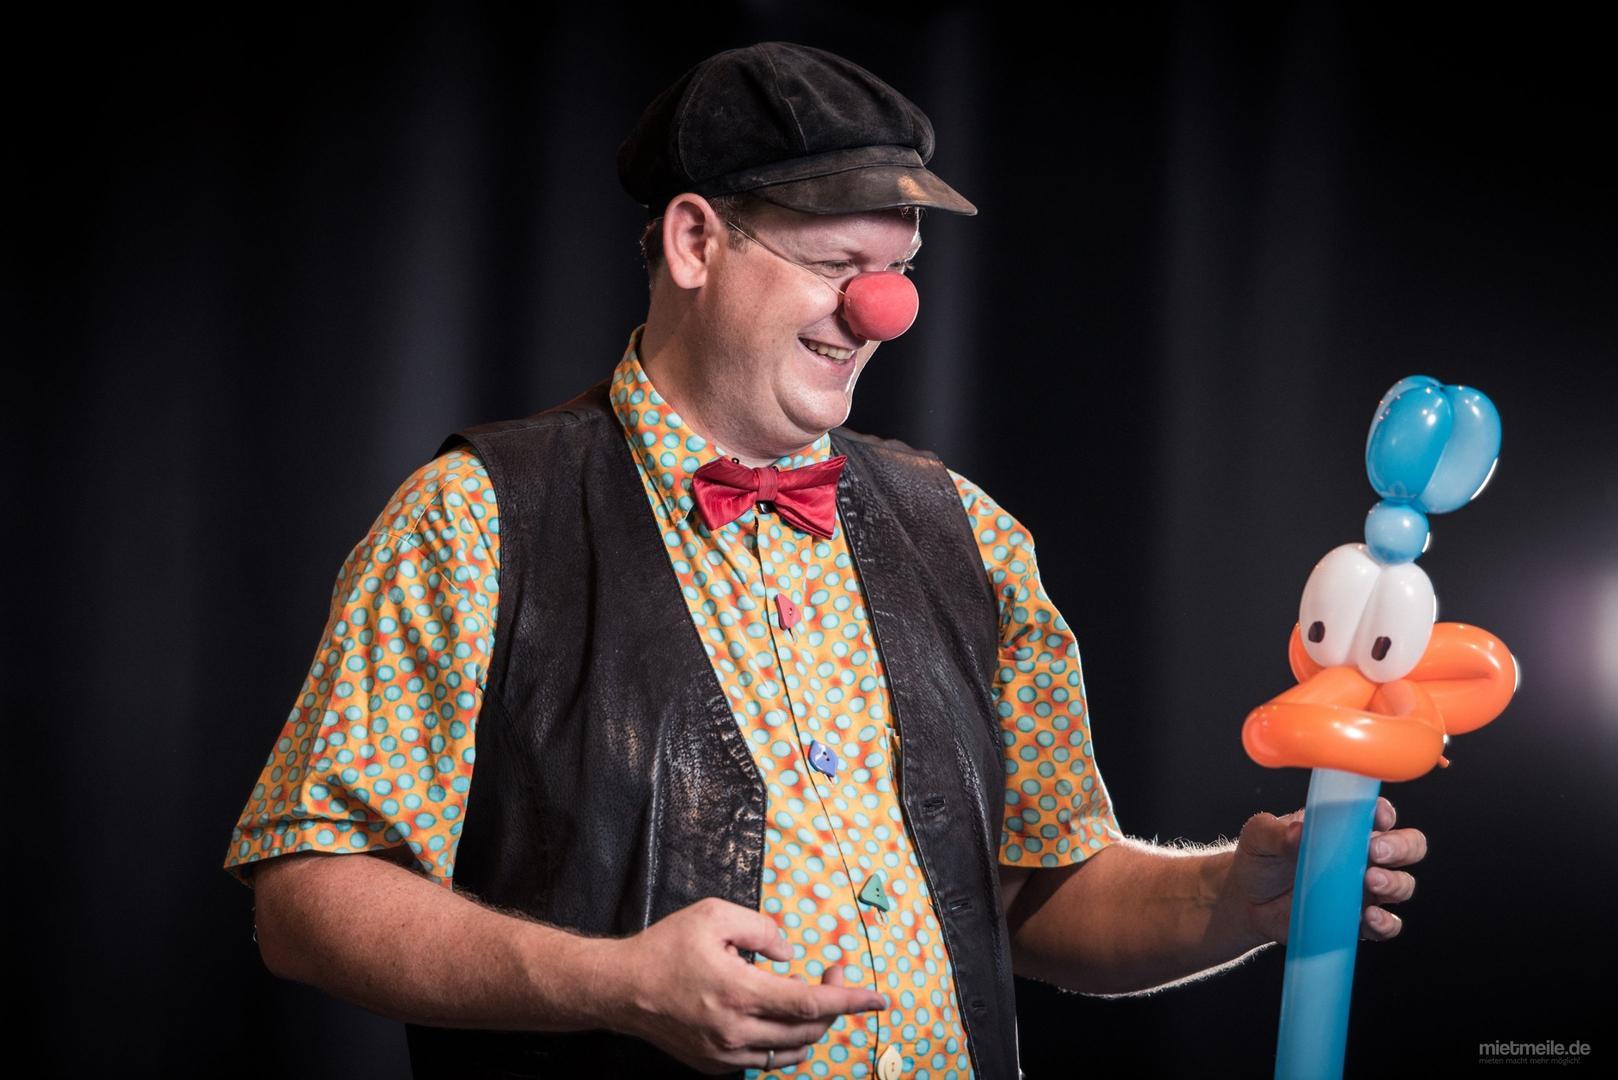 Clown mieten & vermieten - Clown Benji - Lachen, Zauber und Ballons in Linkenheim-Hochstetten